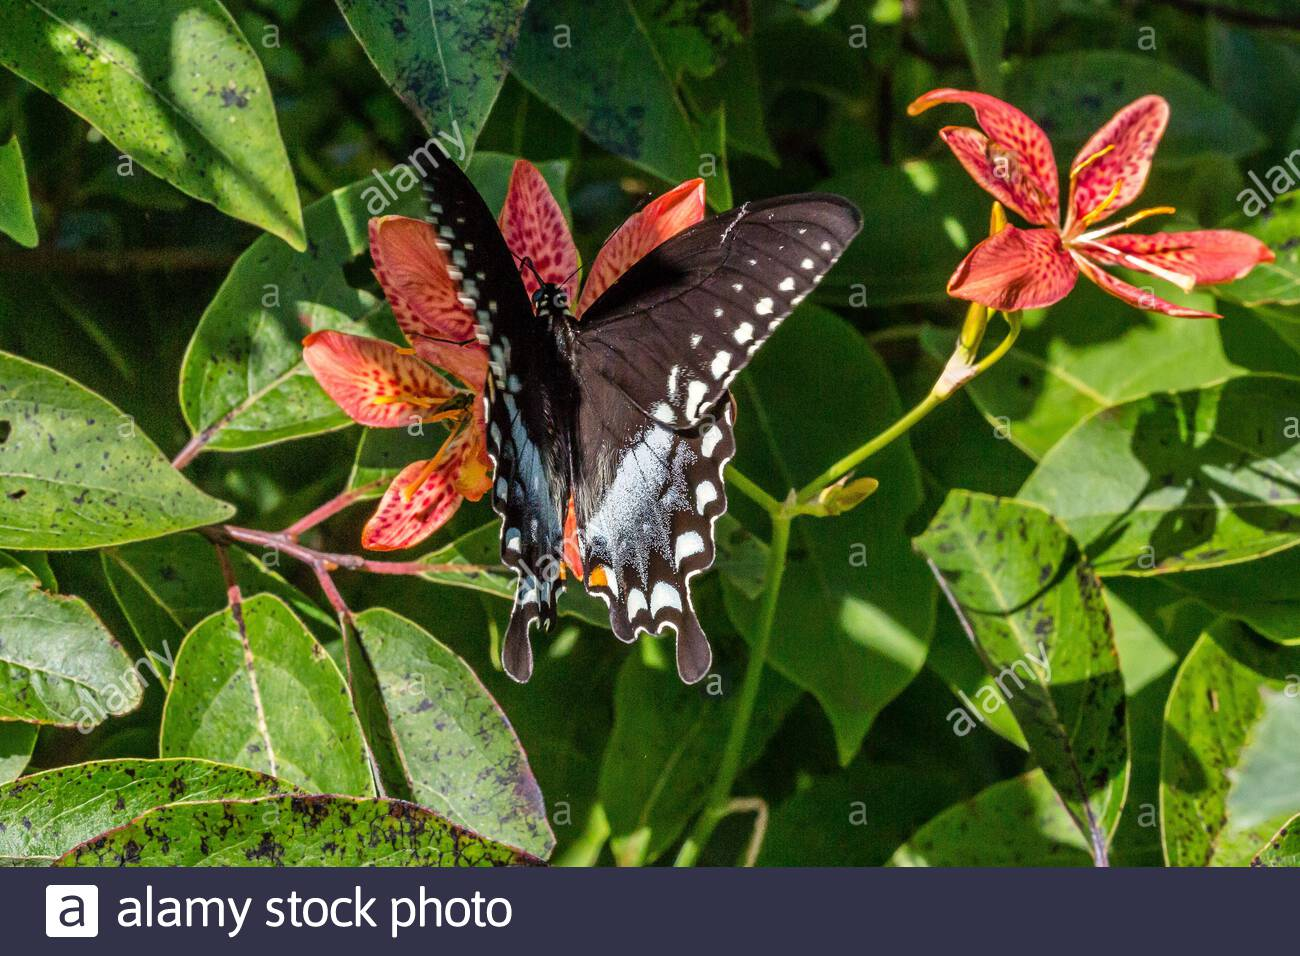 mariposa de pico de pico (papilio troilus) Foto de stock